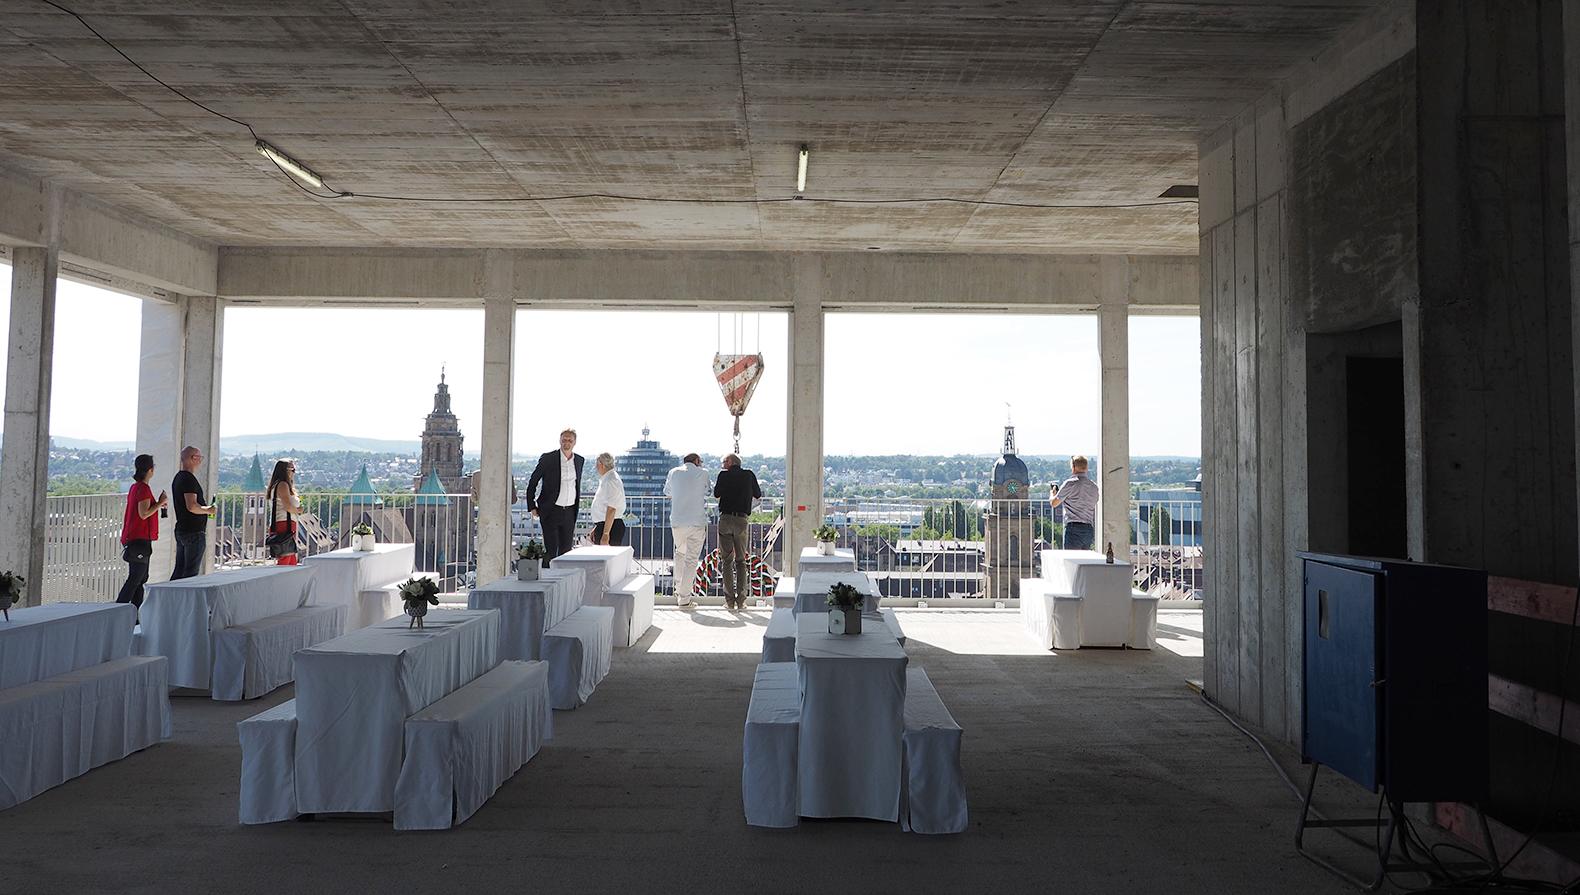 Der Festsaal im 10. OG mit Blick auf die Innenstadt von Heilbronn